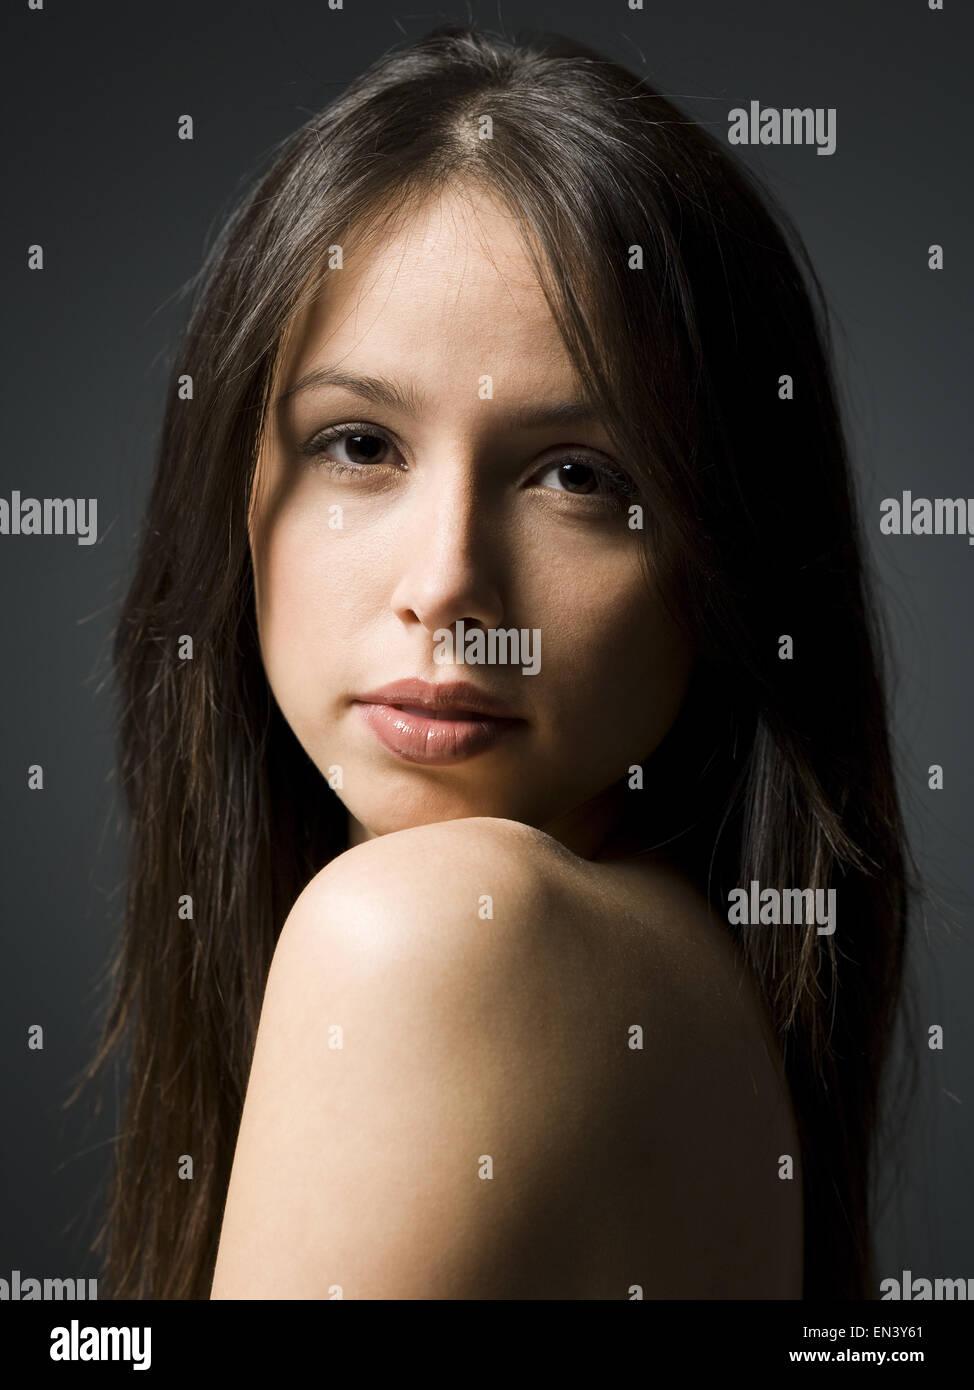 Detailansicht der weibliches Gesicht Stockbild